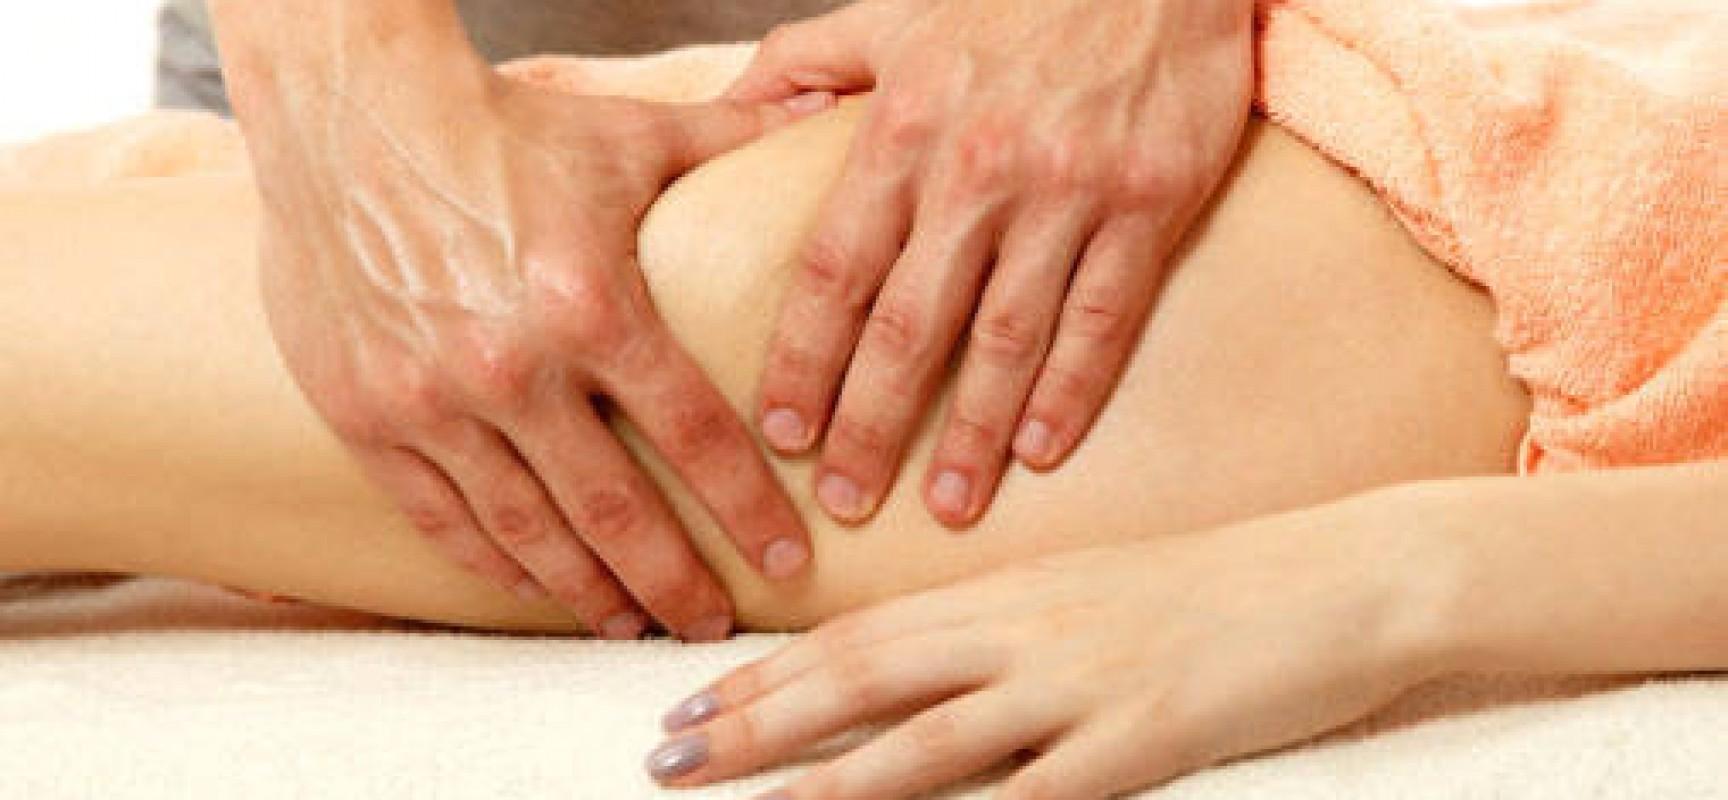 trucchi del sesso un massaggio particolare